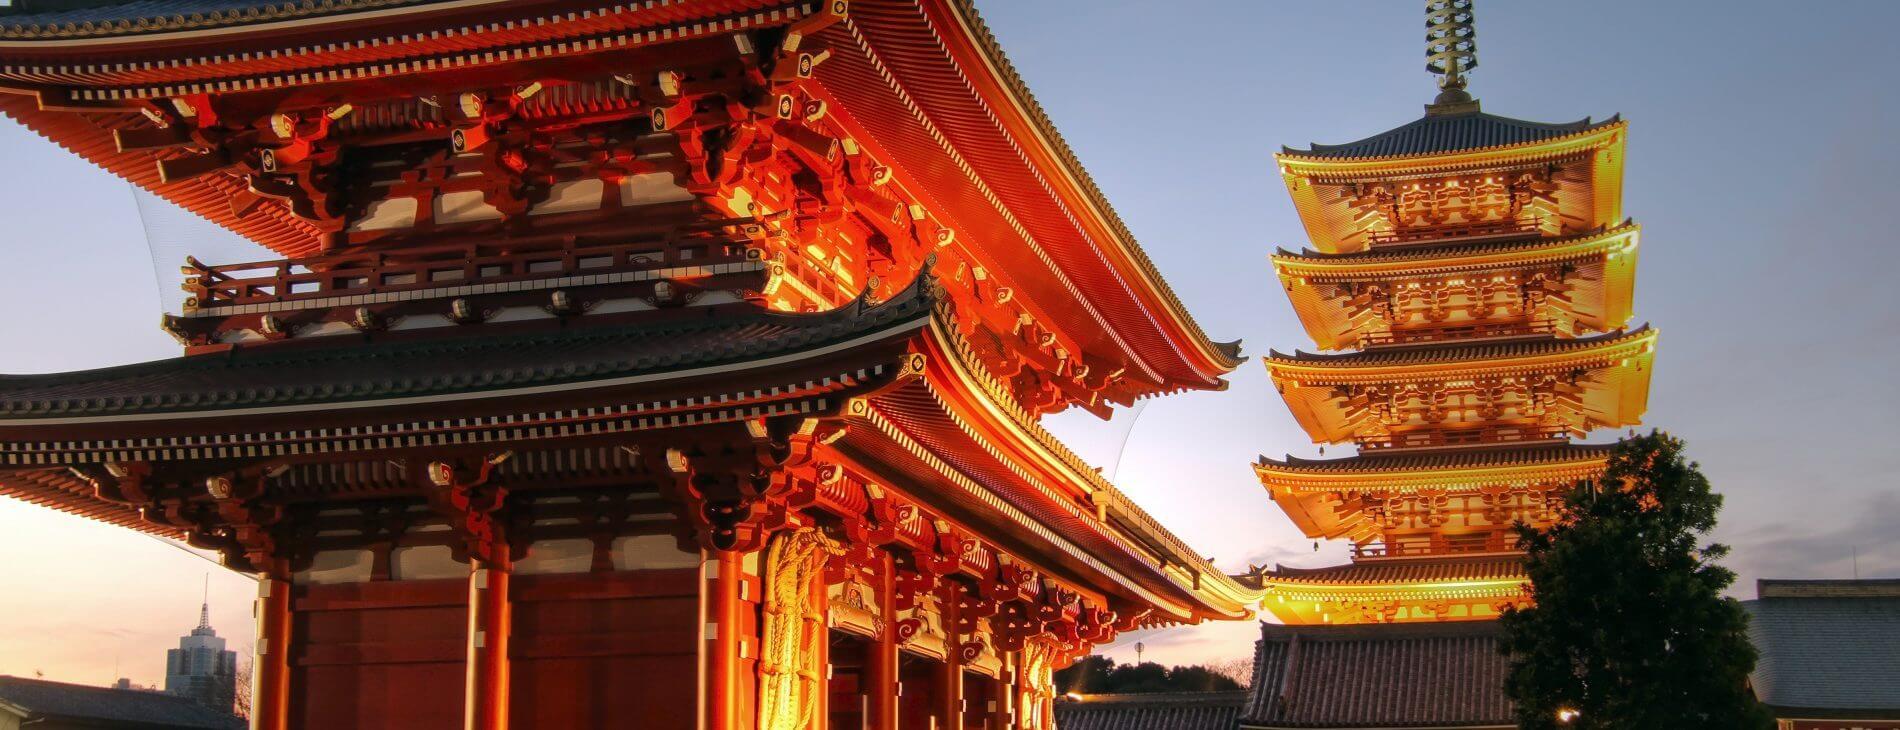 mastroviaggiatore-tokoy-asakusa sensoji tramonto copertina